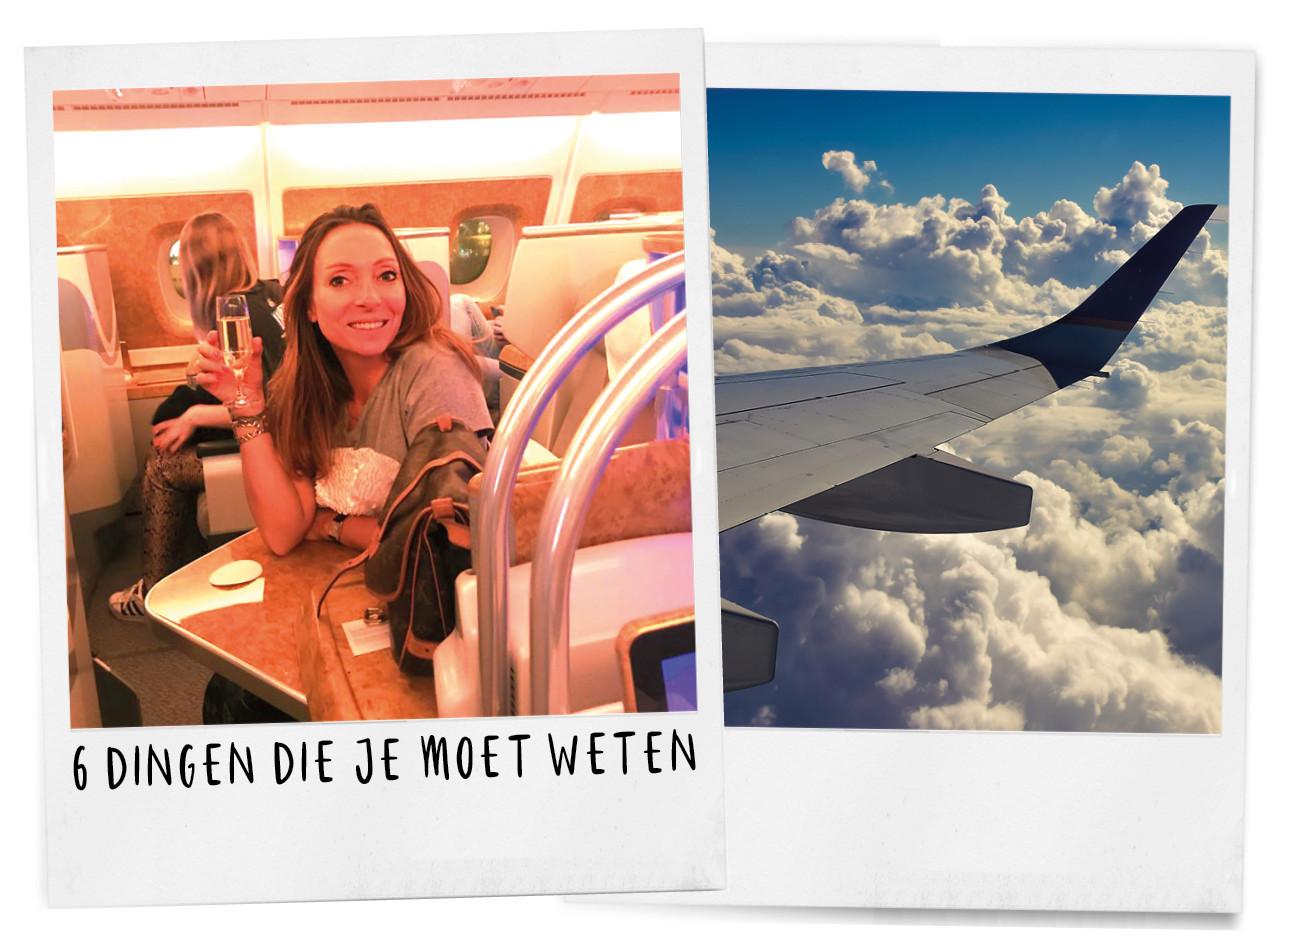 maybritt mobach in het vliegtuig naar dubai met vliegmaatschappij emirates en een glas champagne in haar hand, in de andere polaroid een vliegtuigvleugel en mooi uitzicht op de wolken, 6 dingen die je moet weten